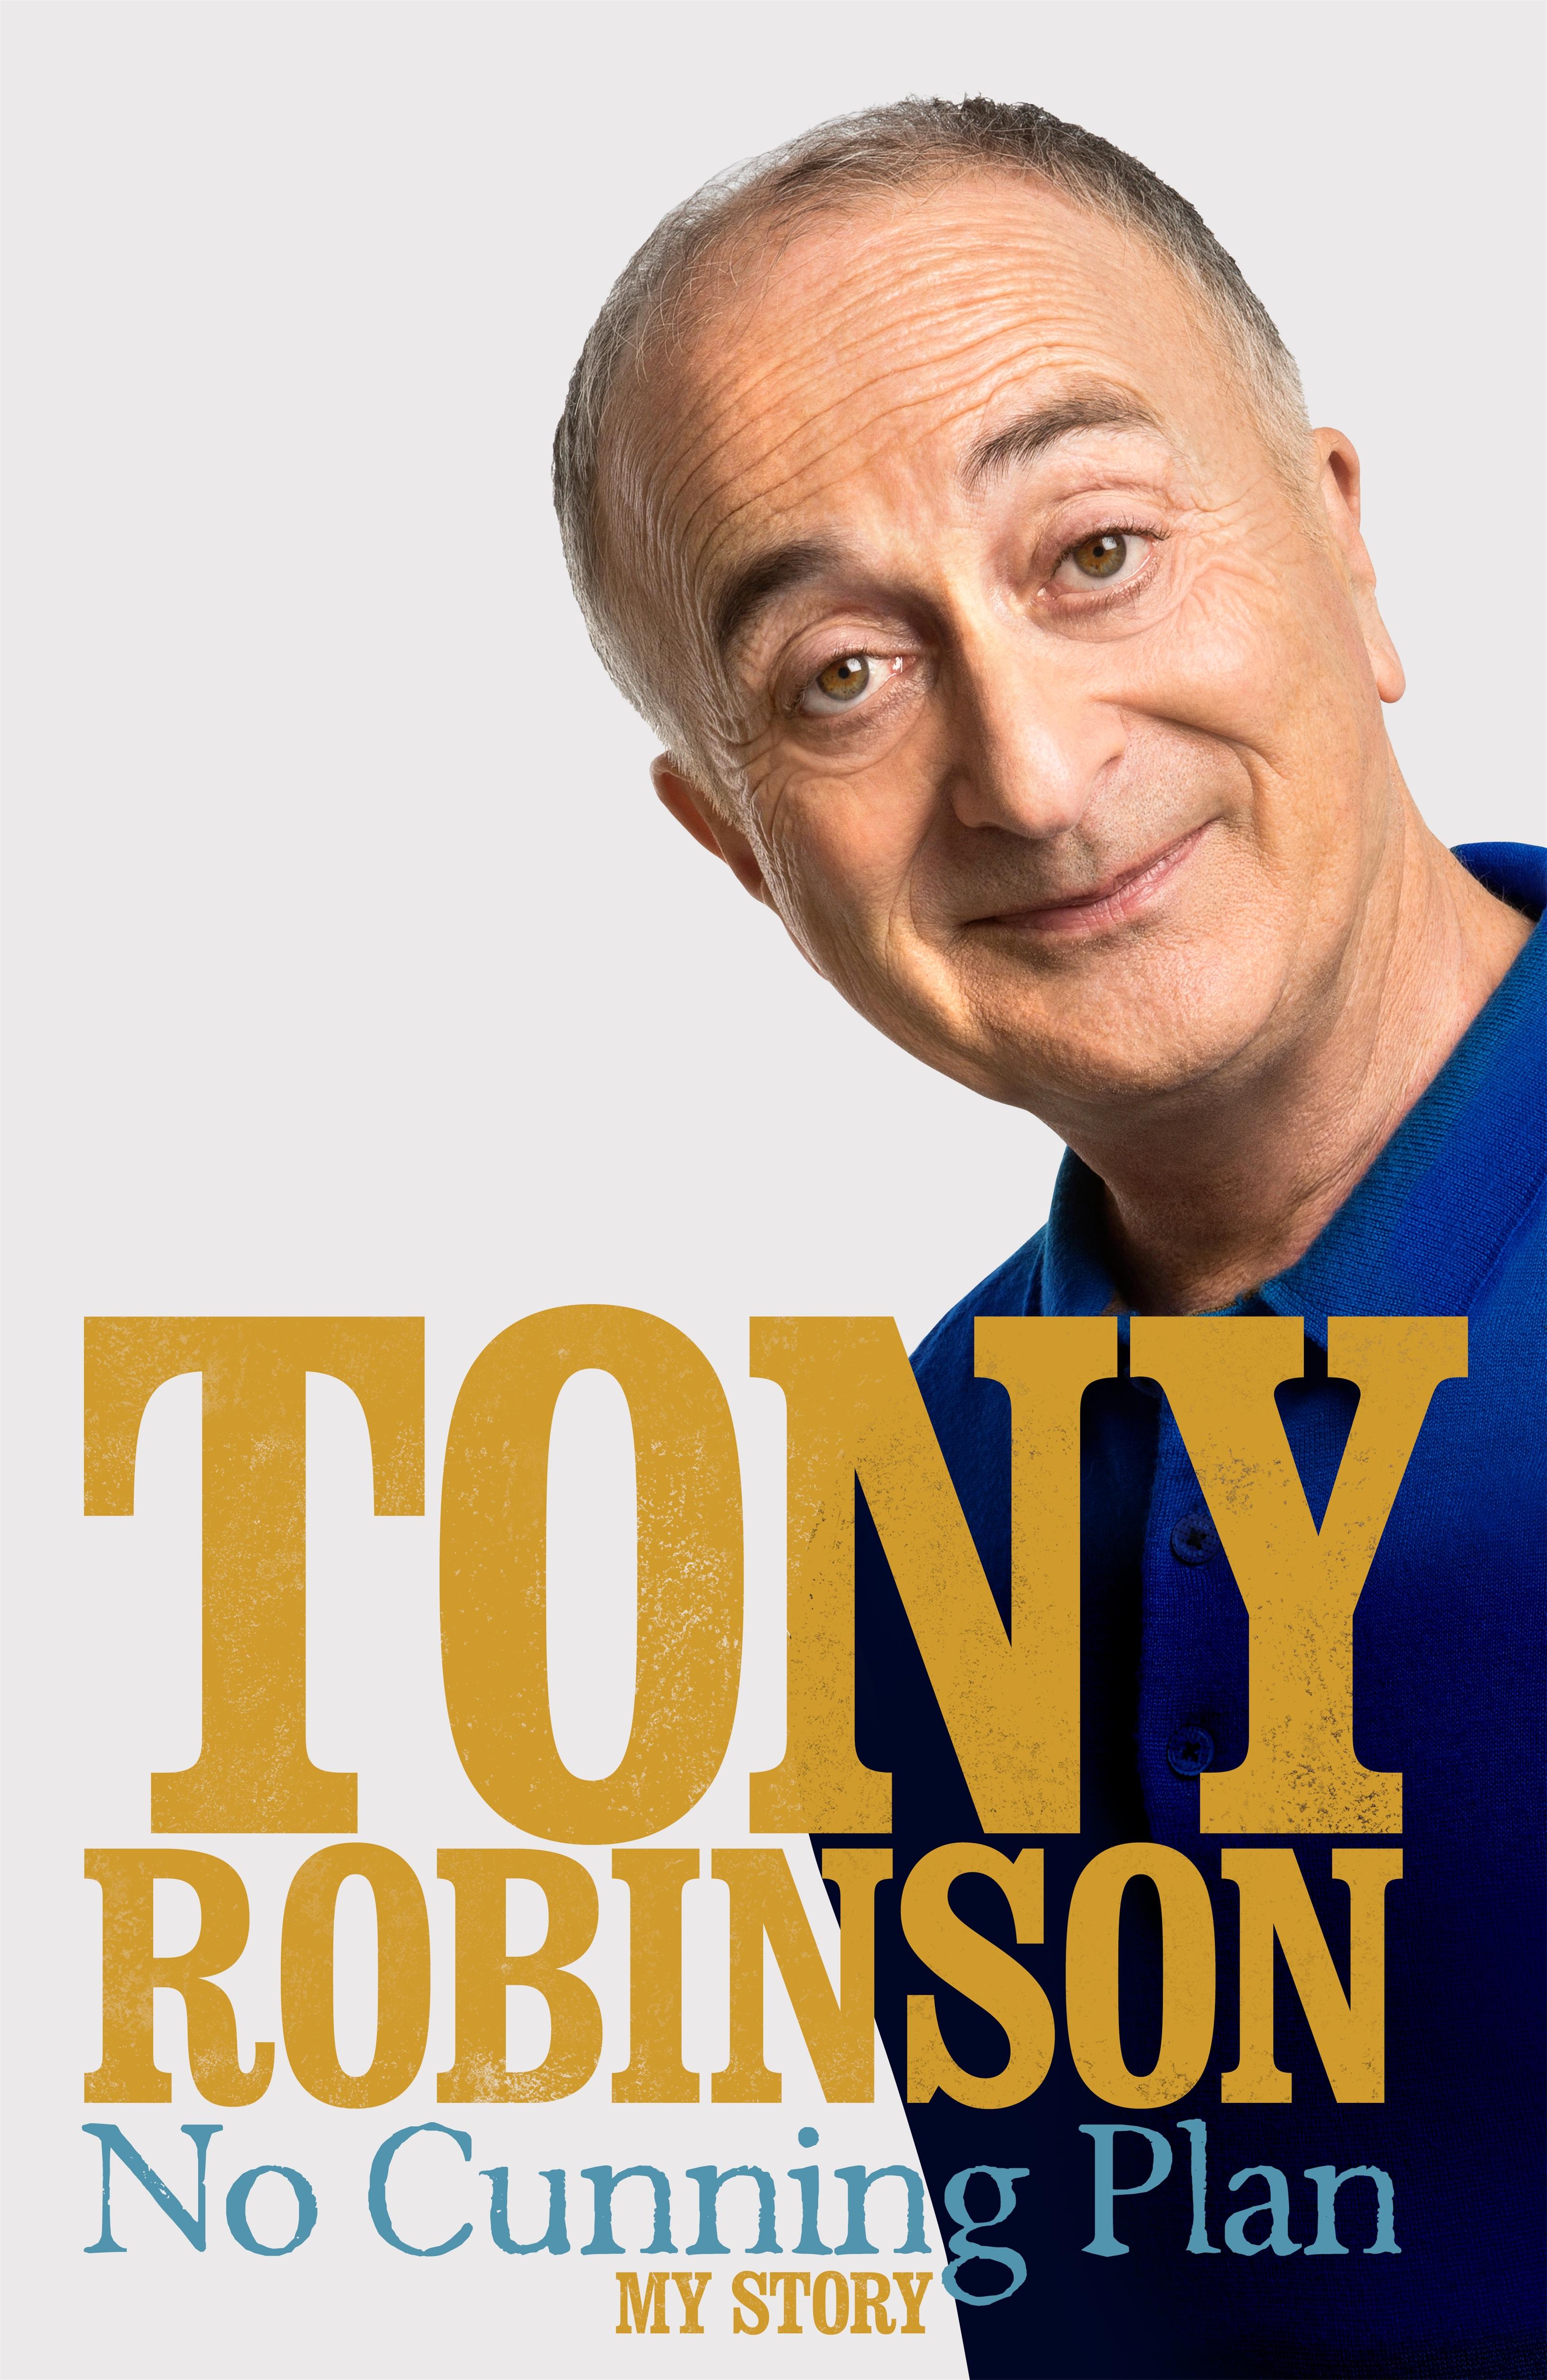 Tony Robinson.jpg